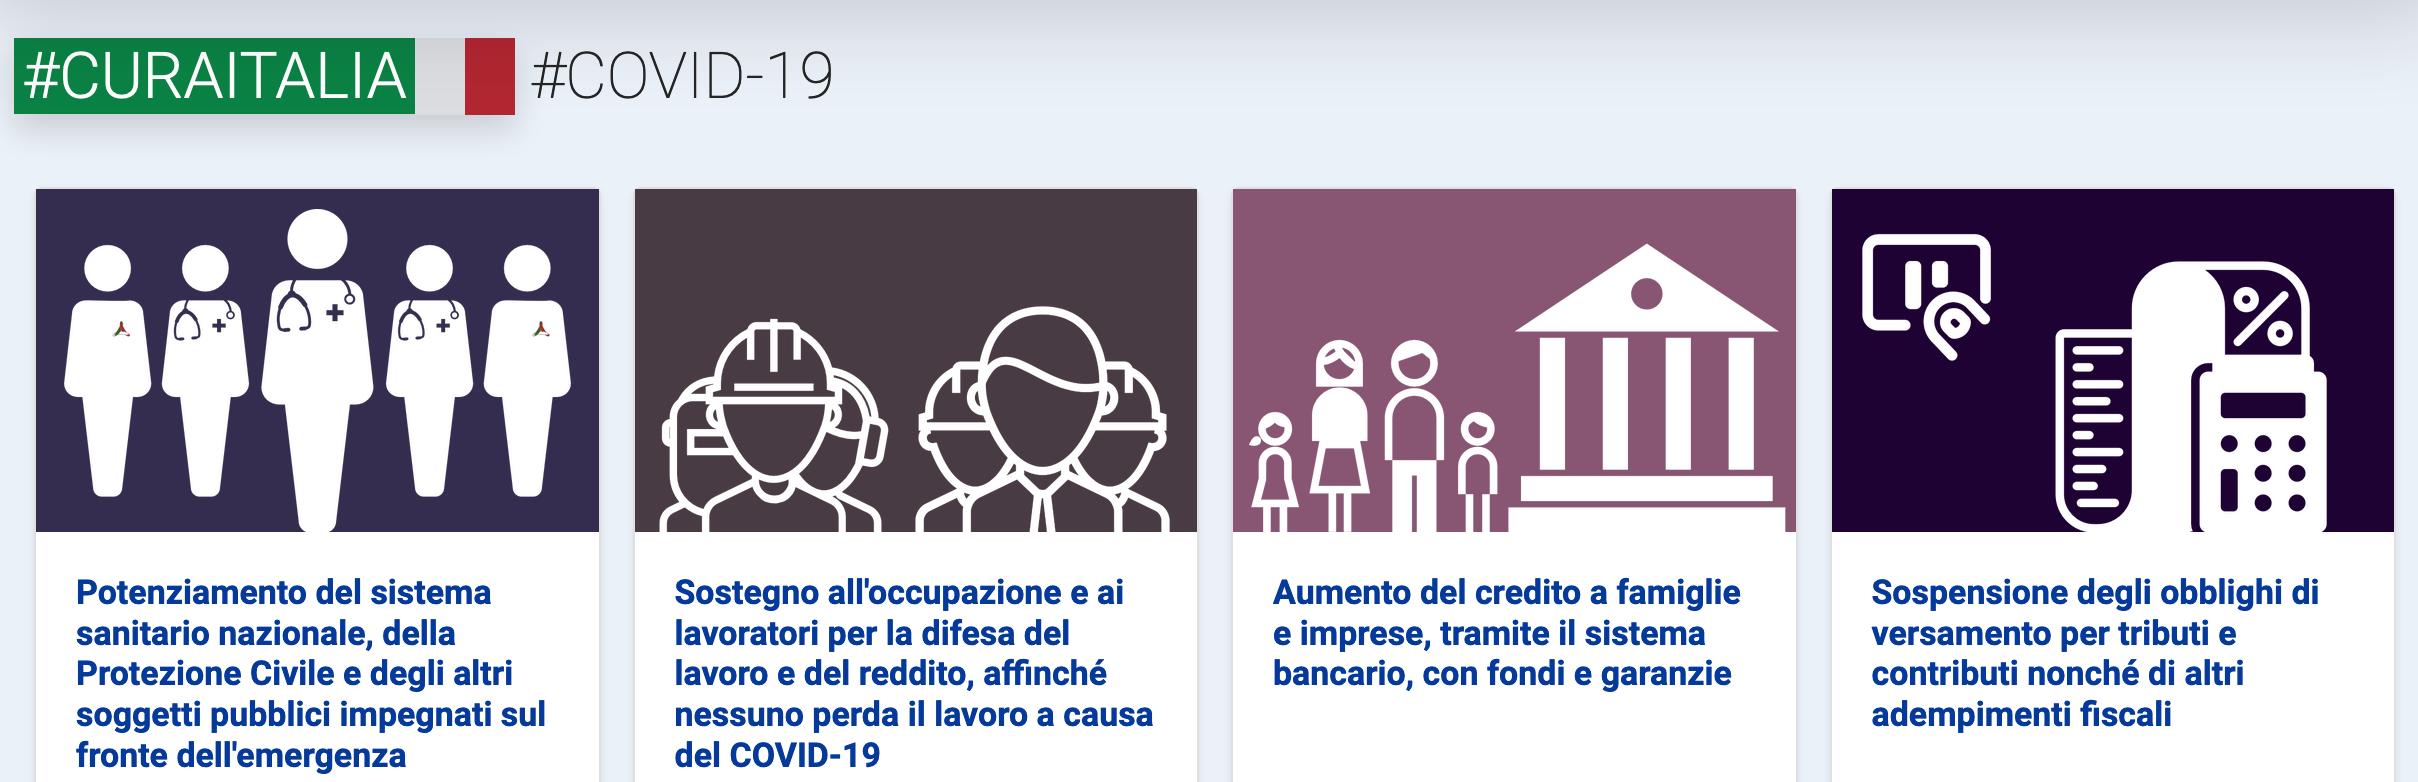 da sito MEF cura italia Schermata 2020-03-30 alle 10.34.17